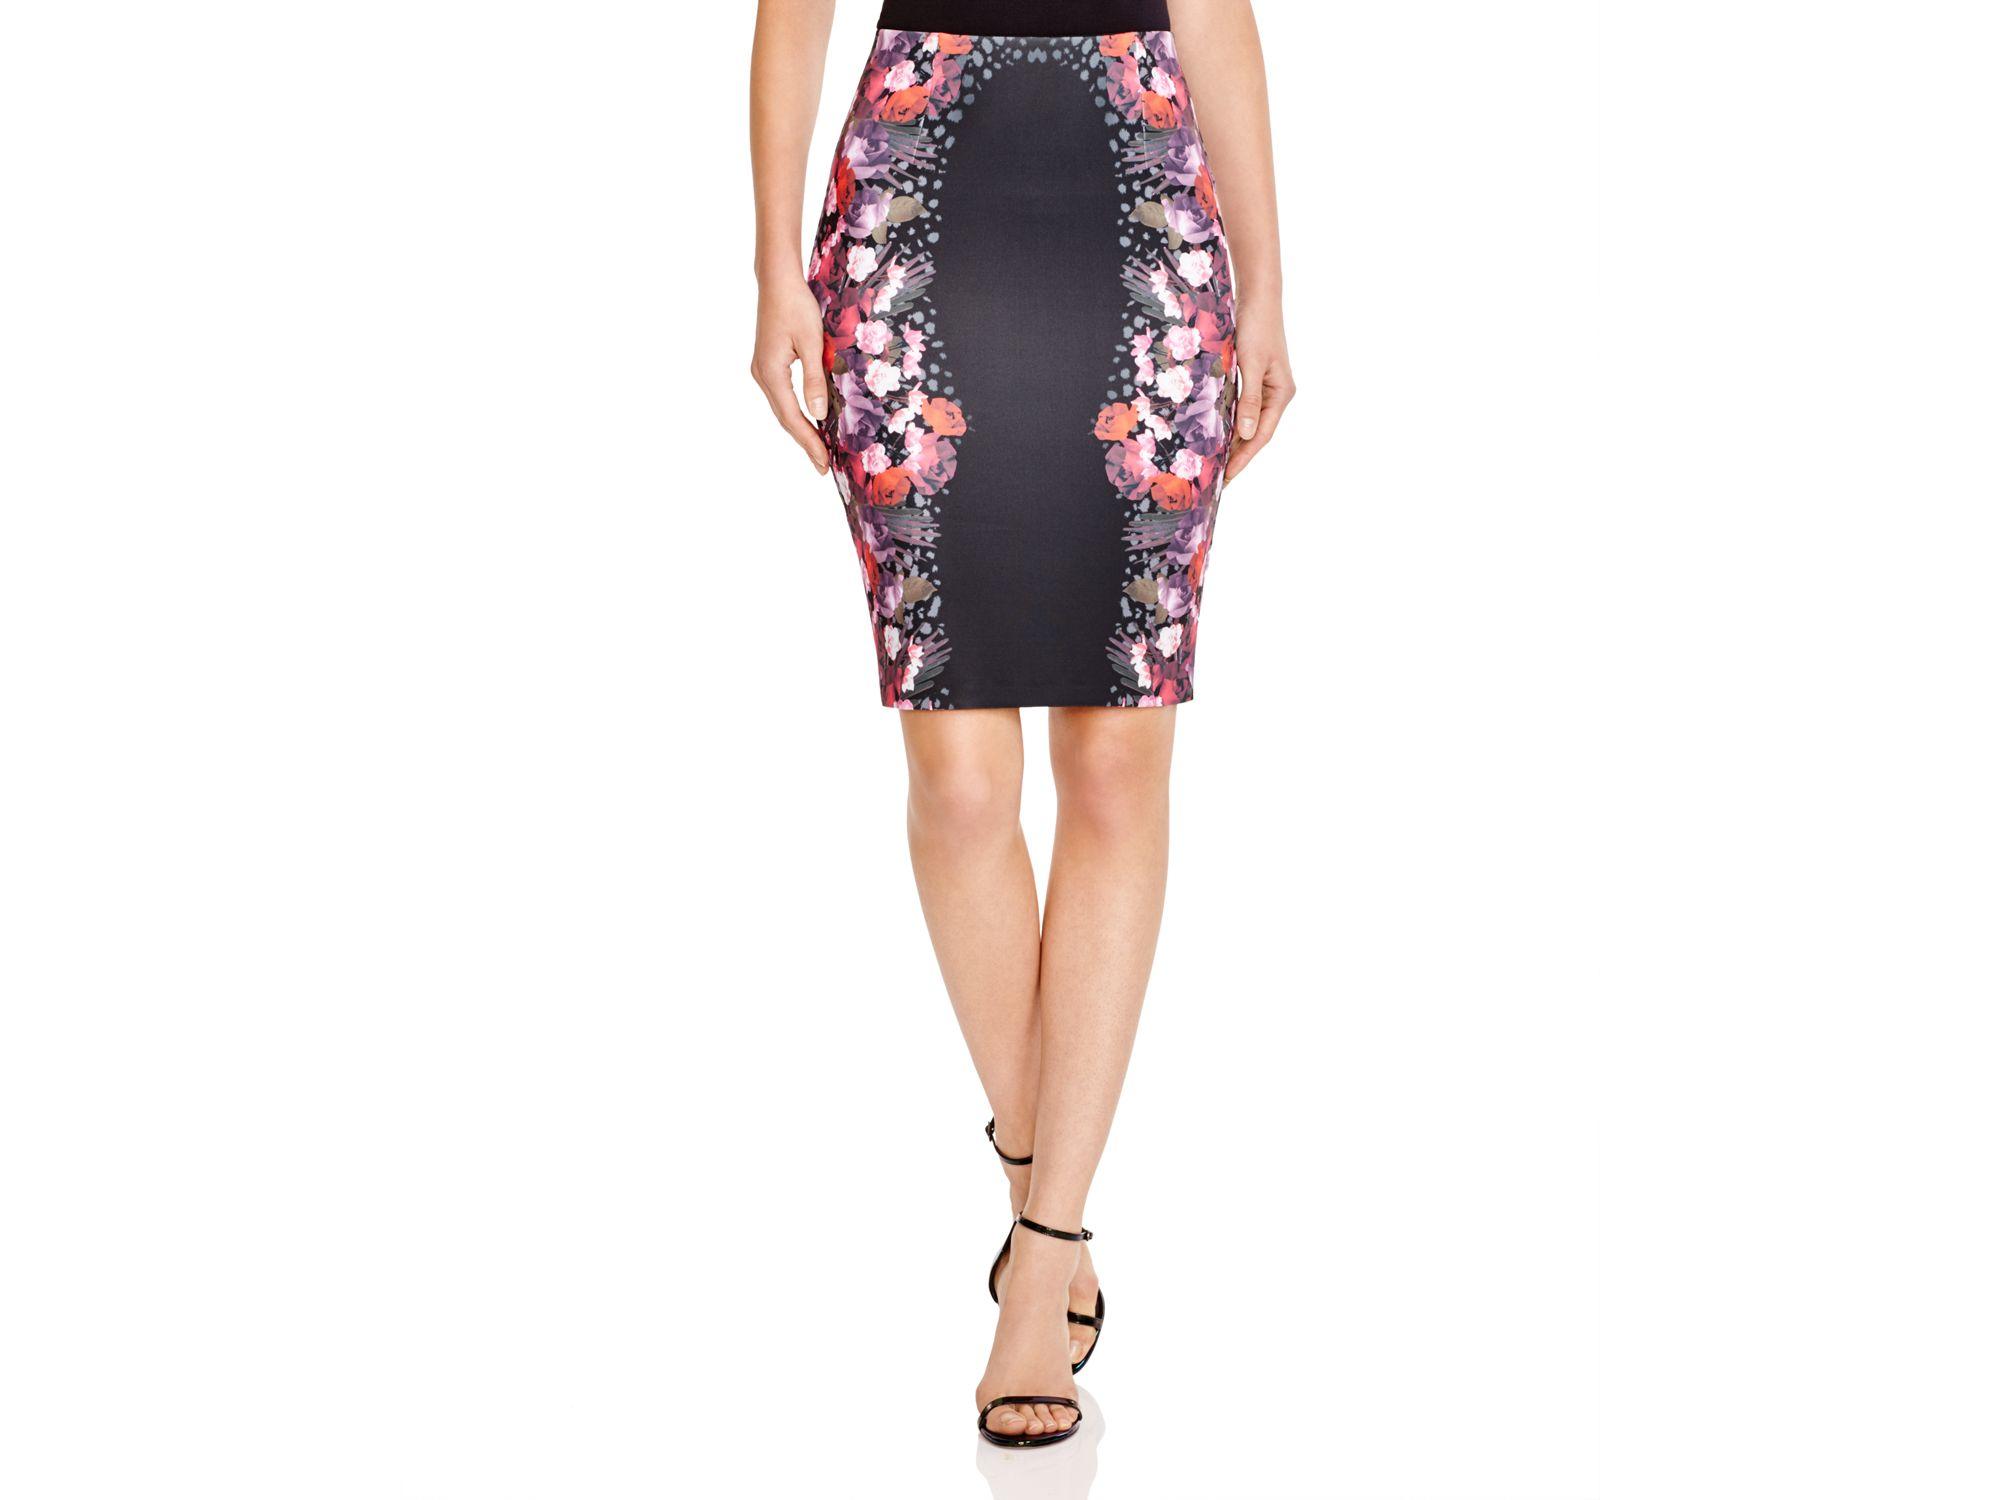 Guess High Waist Scuba Pencil Skirt in Black | Lyst